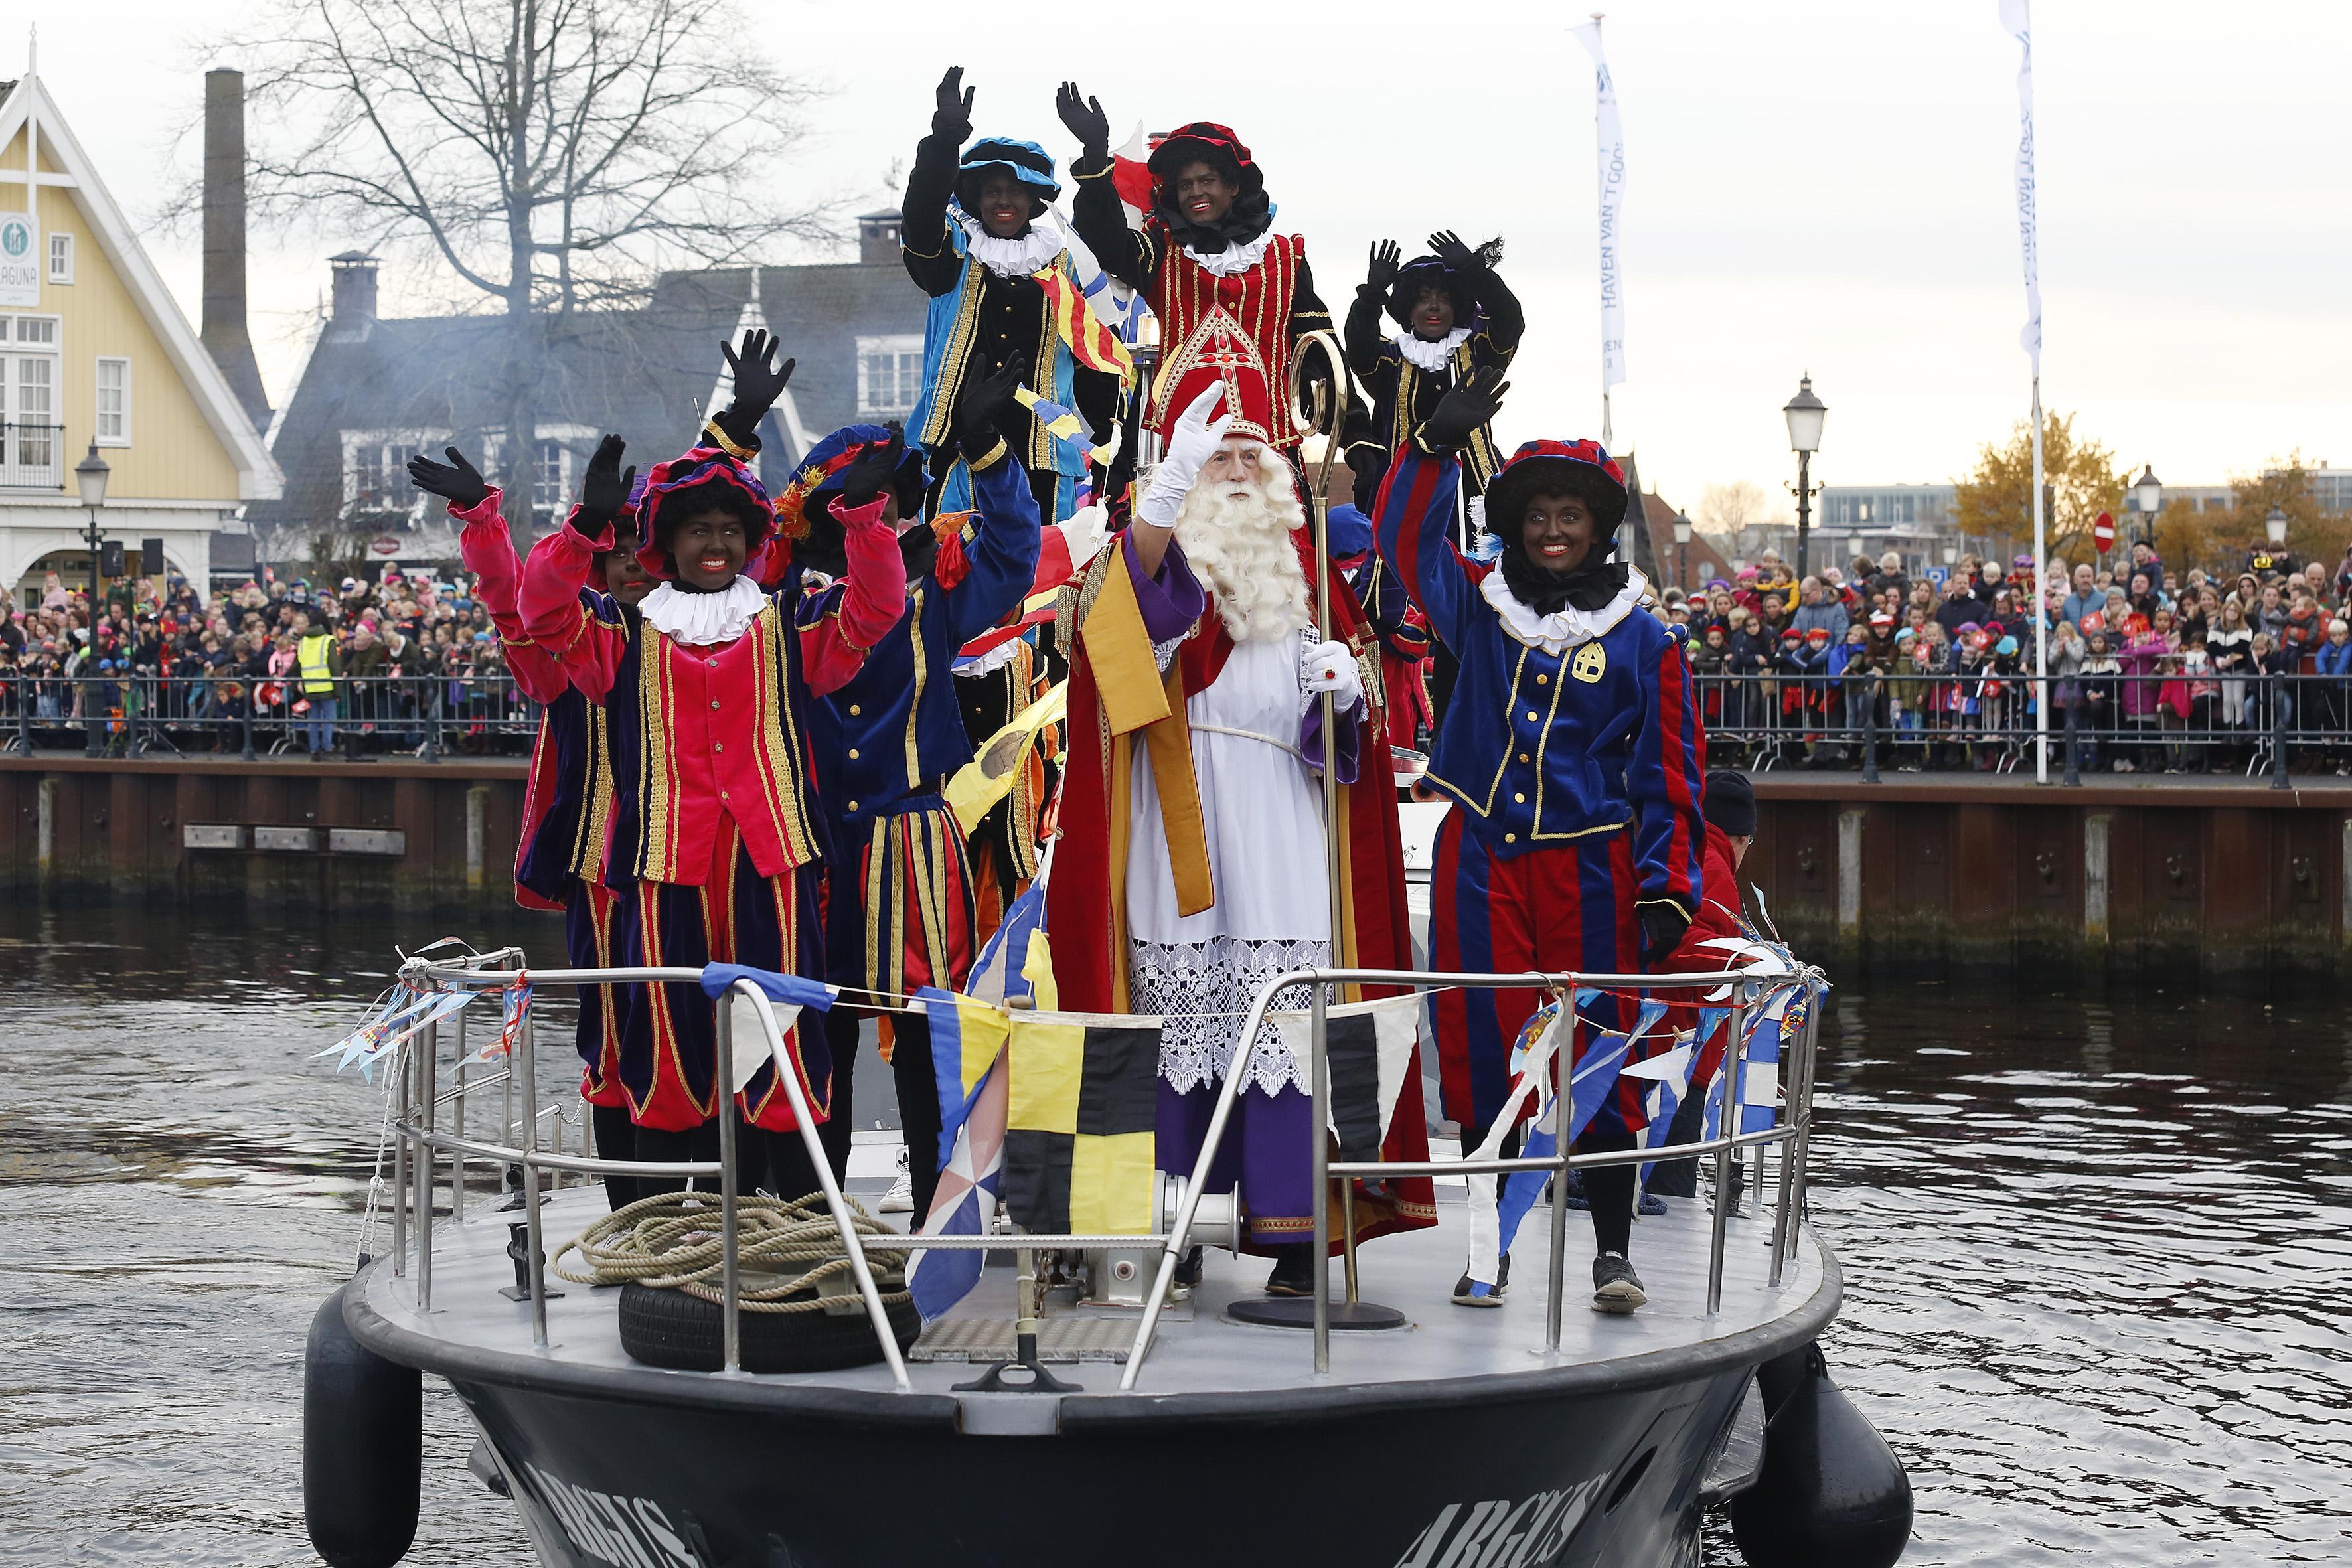 Na 'flinke discussie' komt Sint naar Huizen met 'botterbruine' én 'gestreepte' Pieten; 'Veranderingen hebben tijd nodig, niet overhaasten'